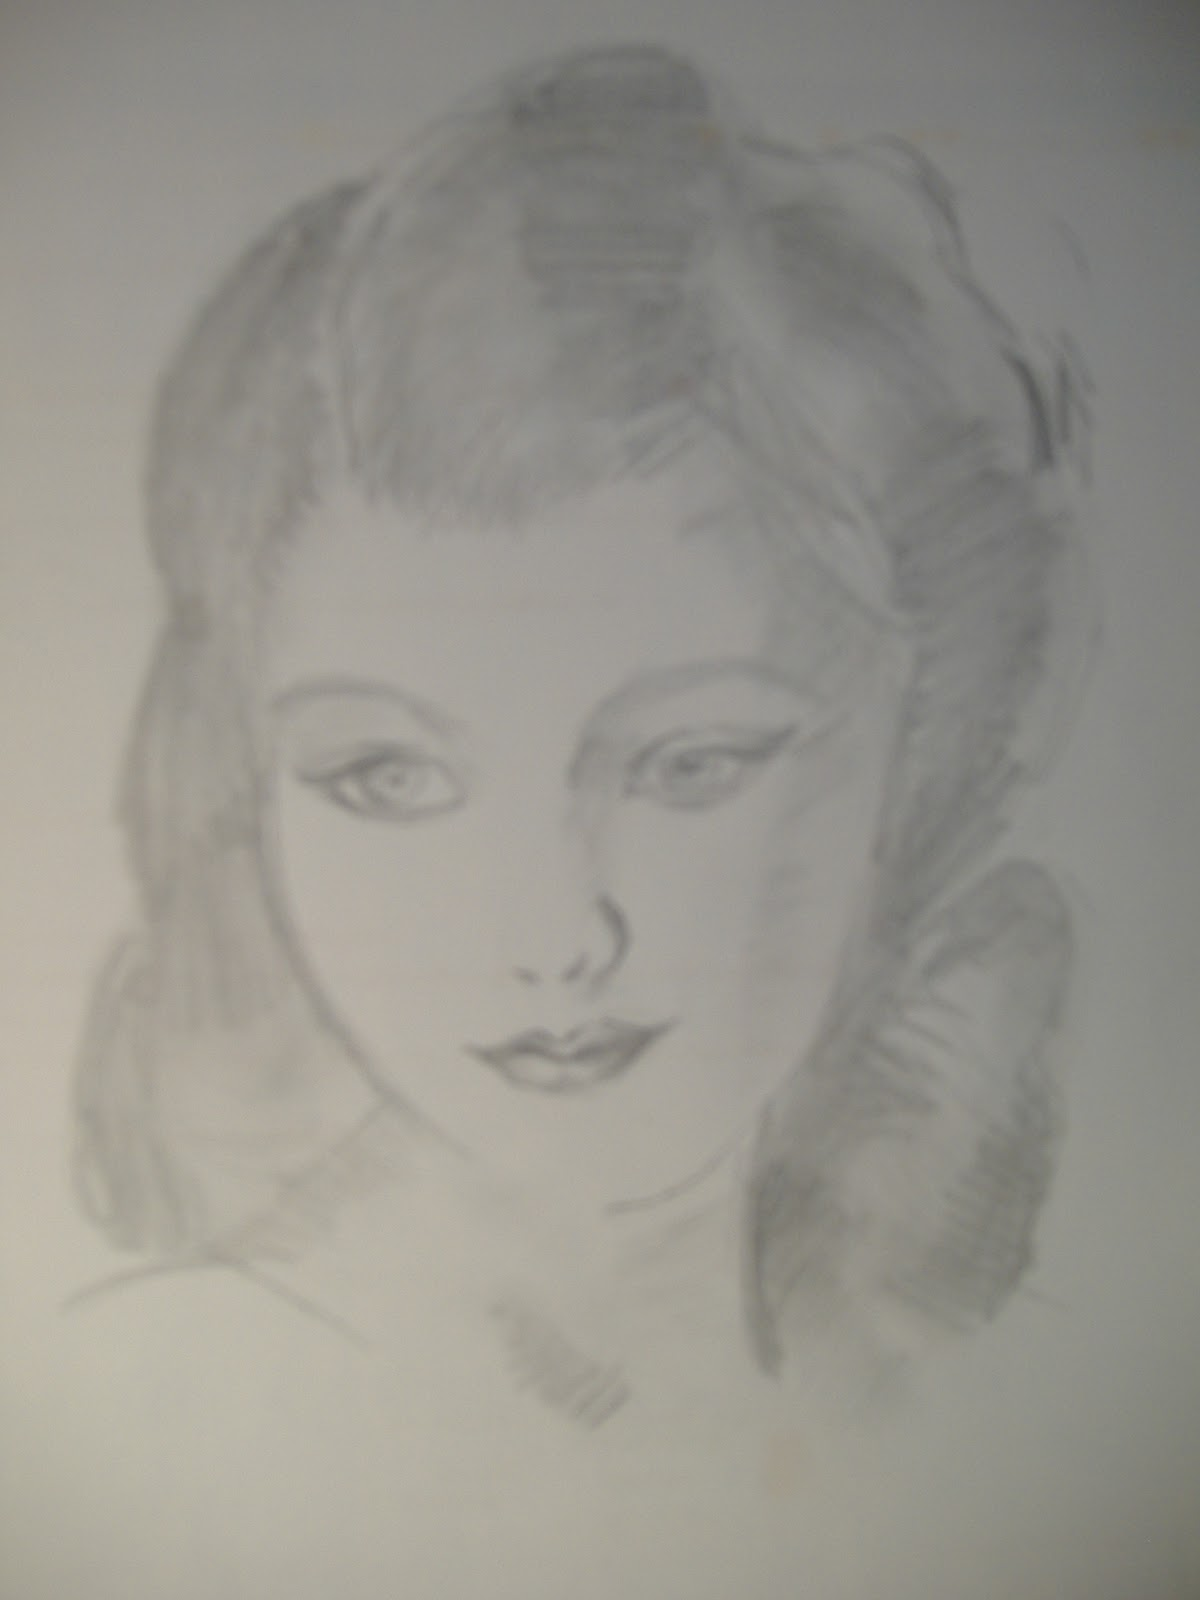 disegni facili a matita